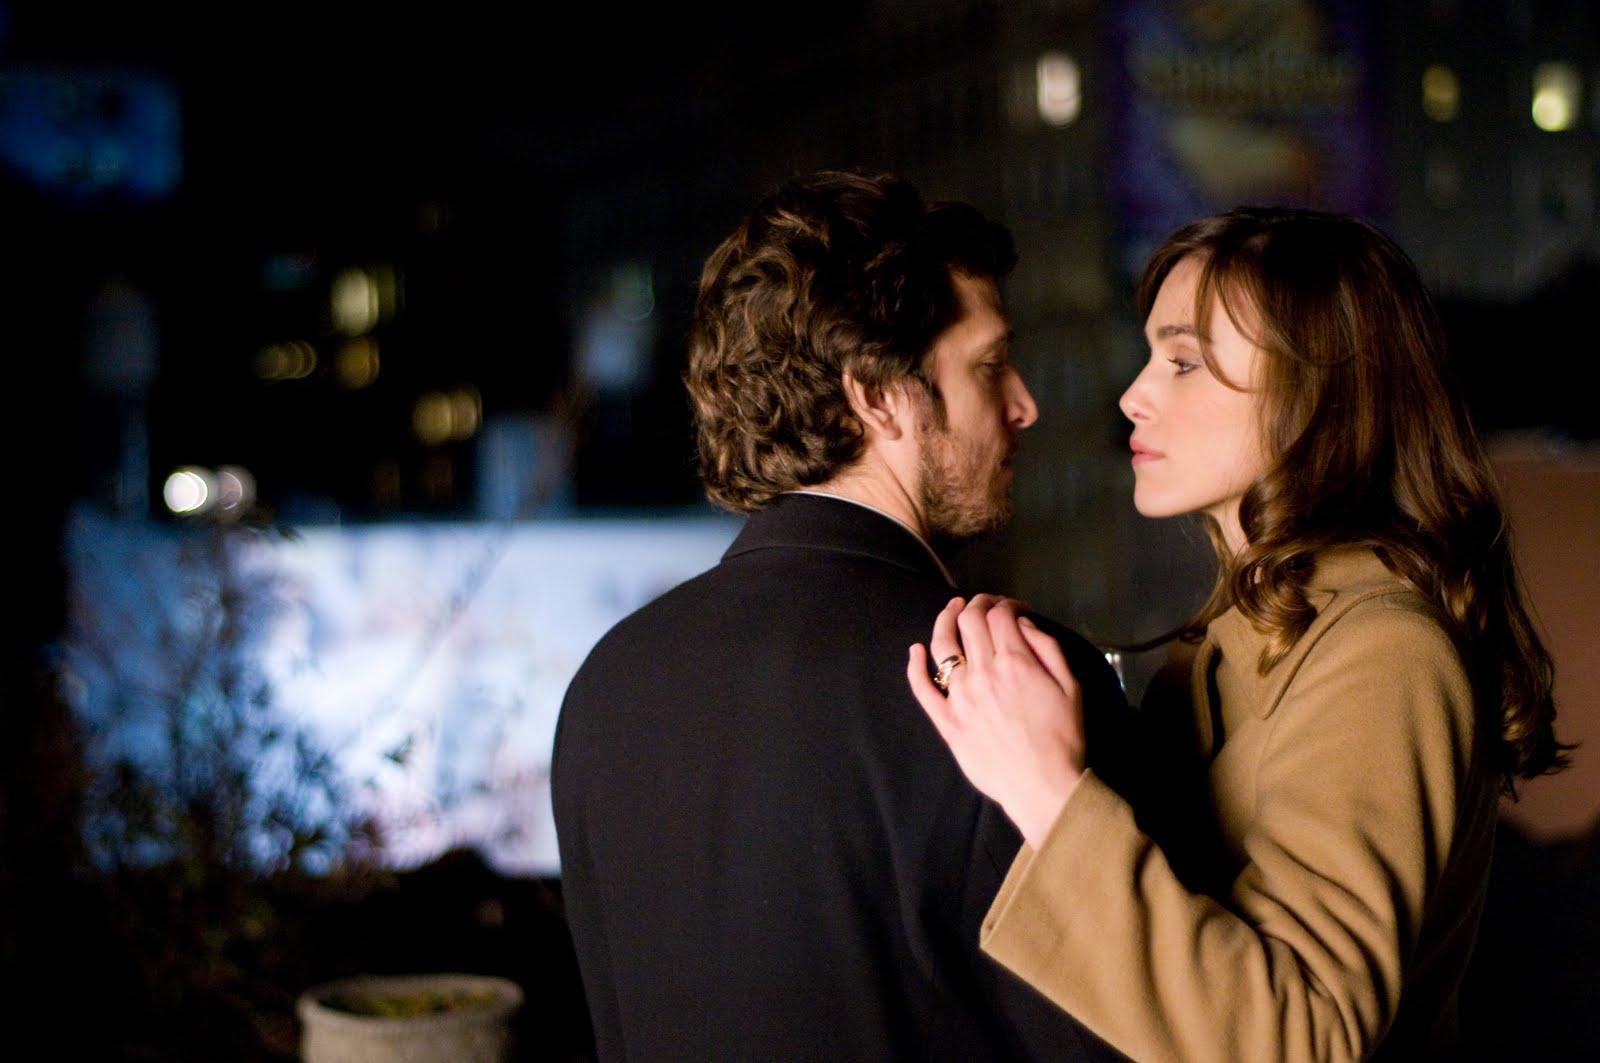 """""""Last Night""""ليلة واحدة تعصف بالعلاقة وتحييها"""